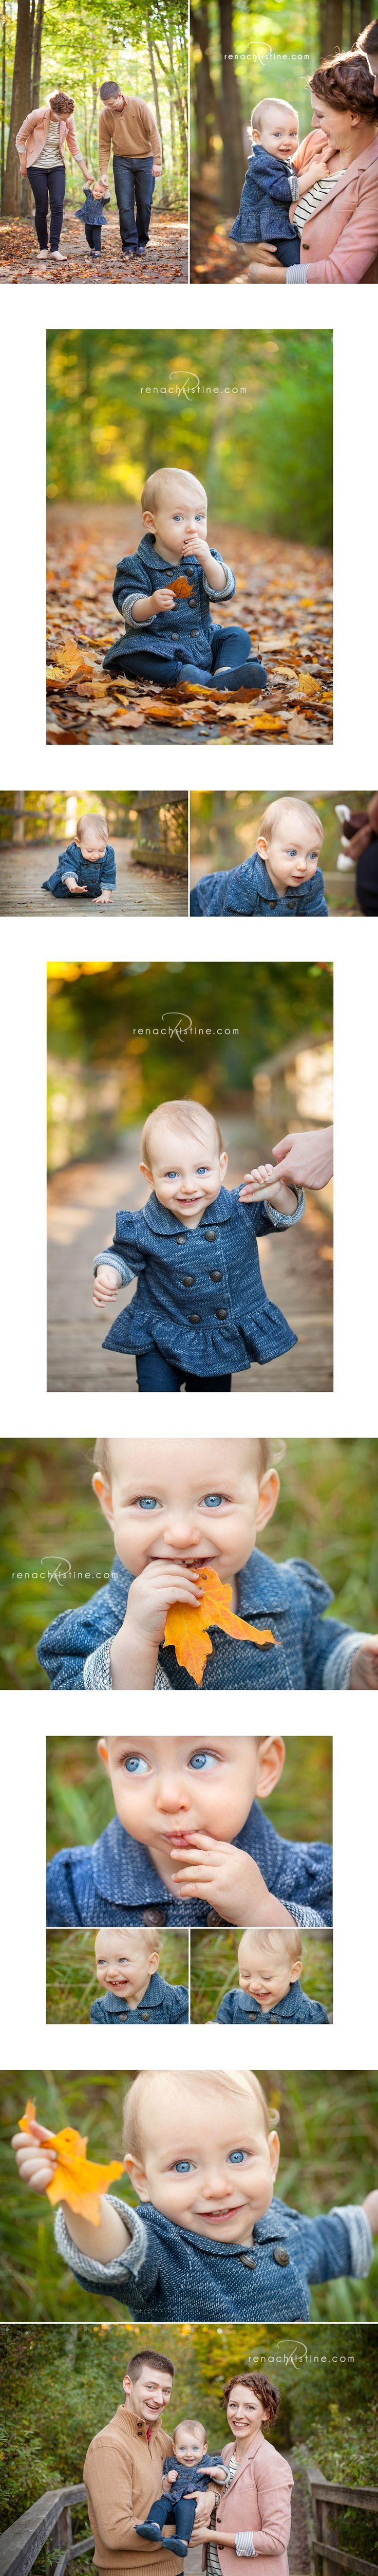 Fall Family Photography | London Ontario Baby Photography | Rena Christine Photography www.renachristine.com